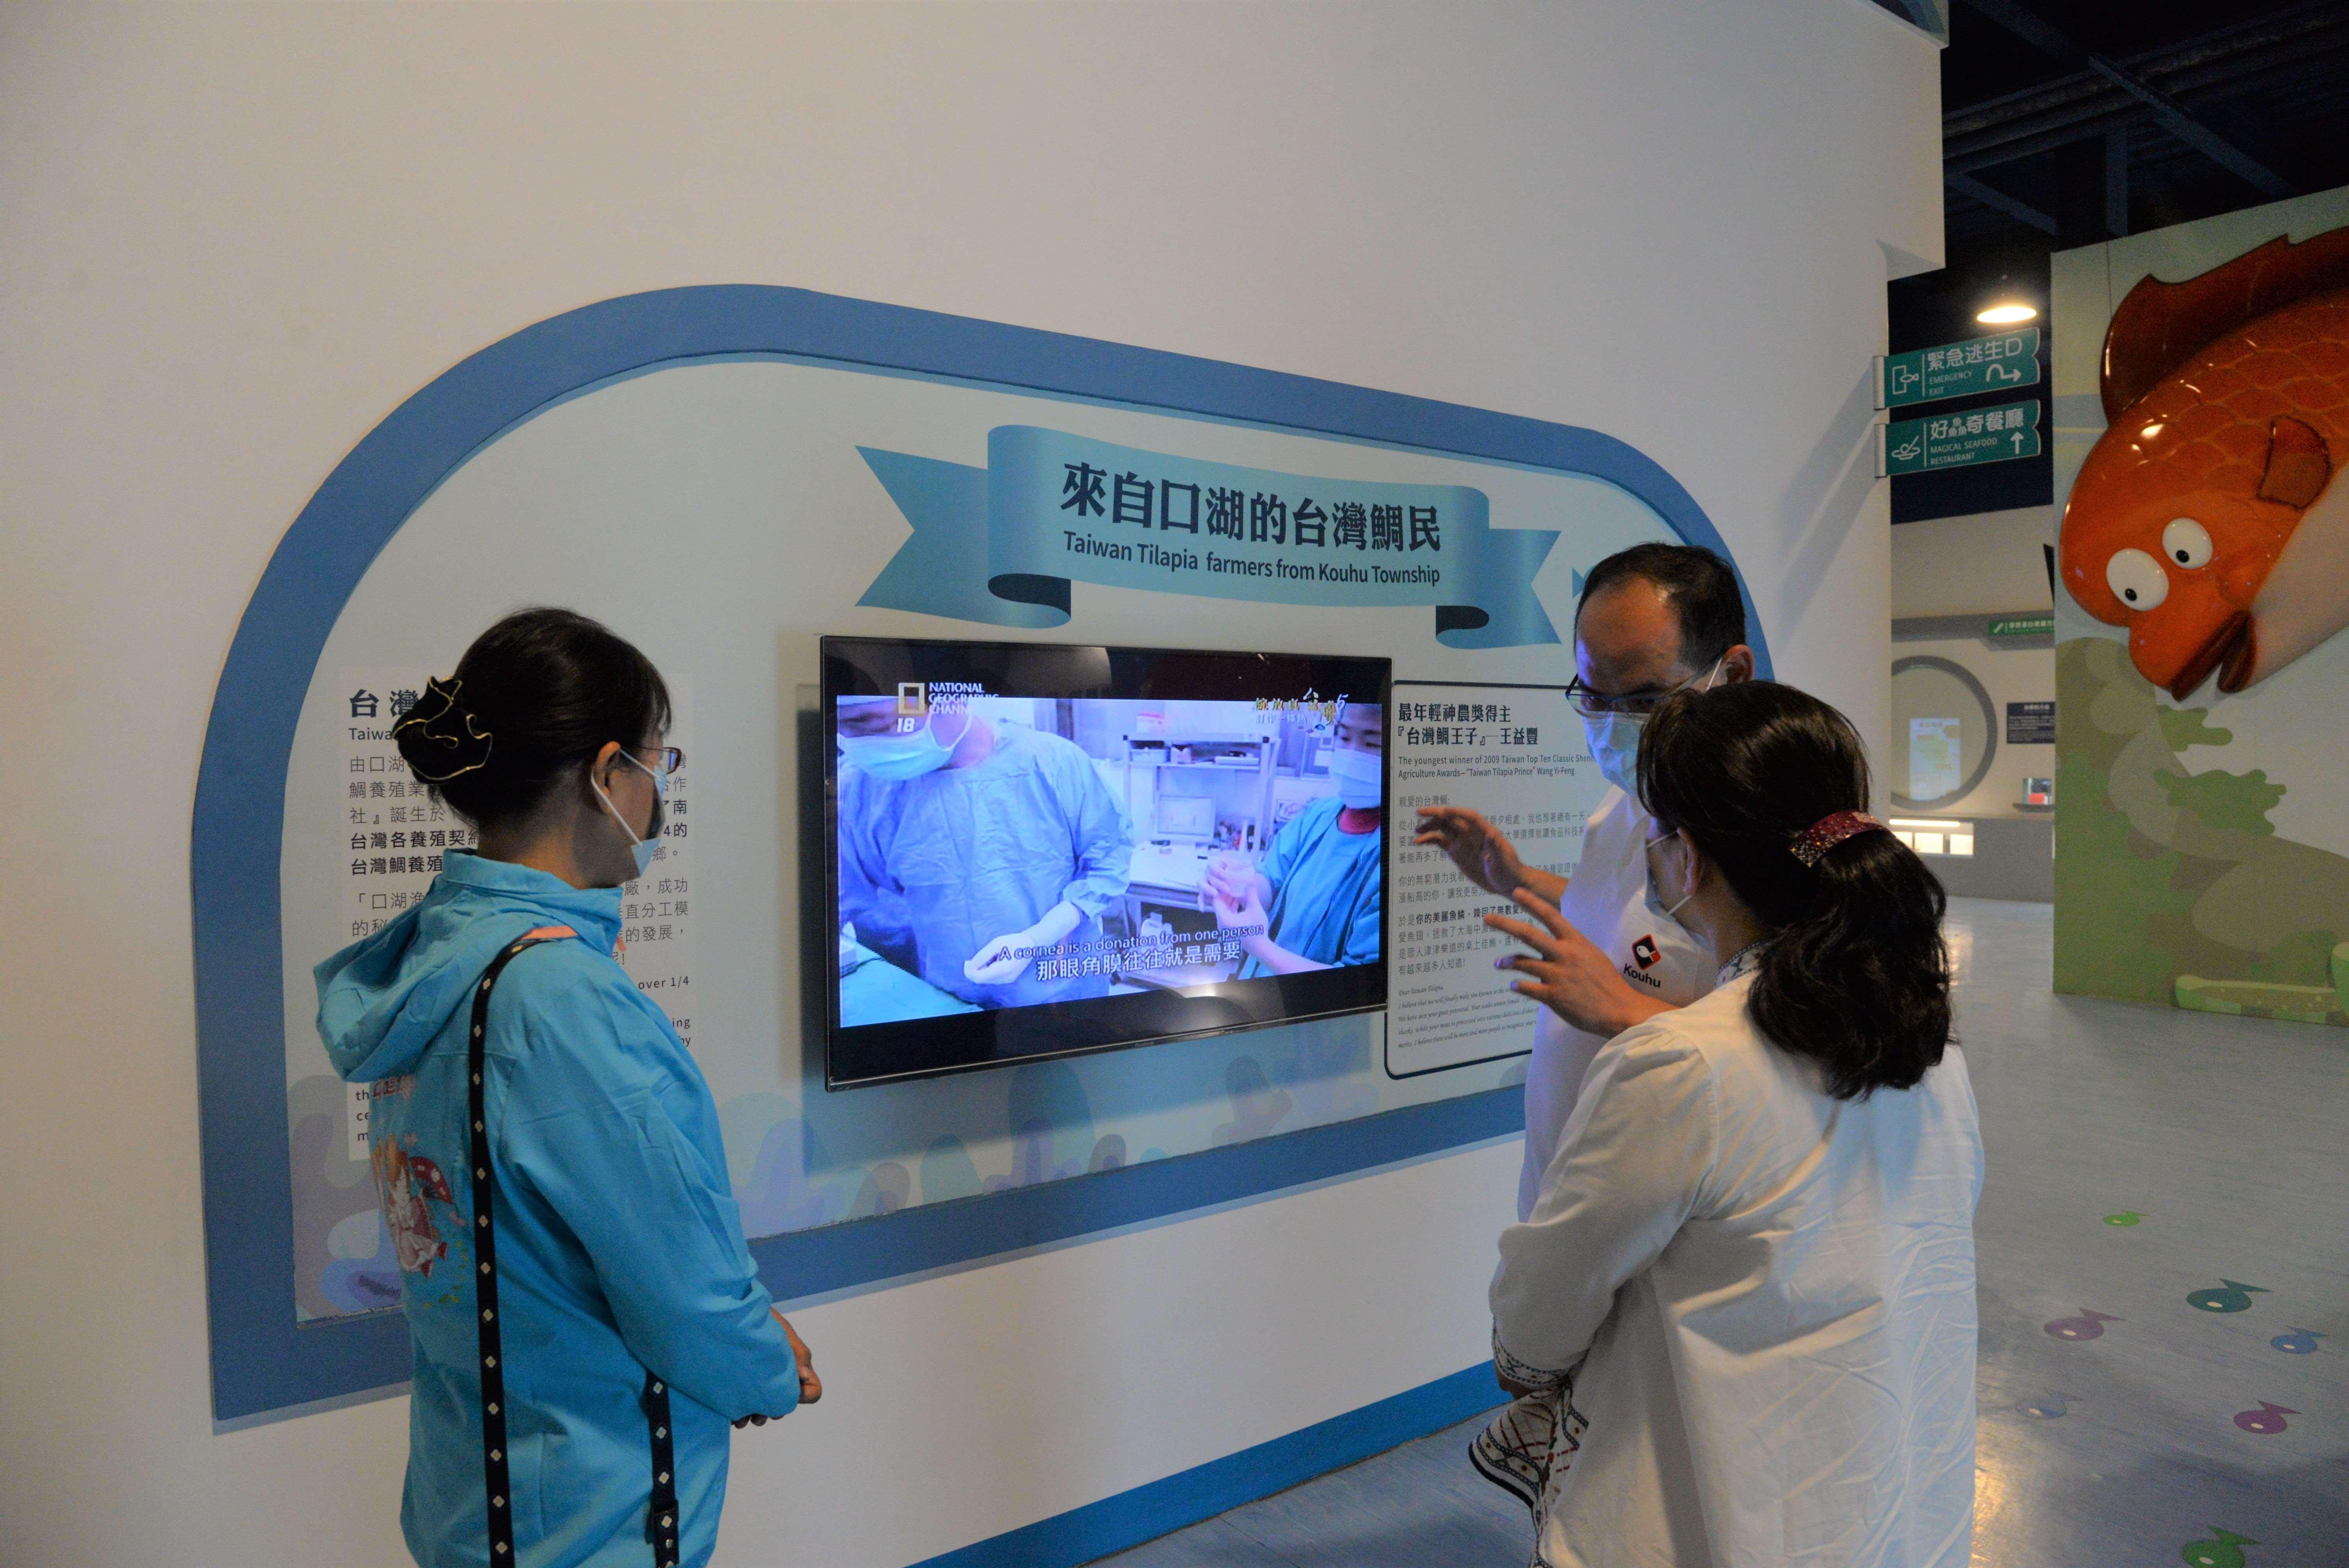 業者引領徐榛蔚縣長及謝淑亞副縣長參訪漁業養殖產業